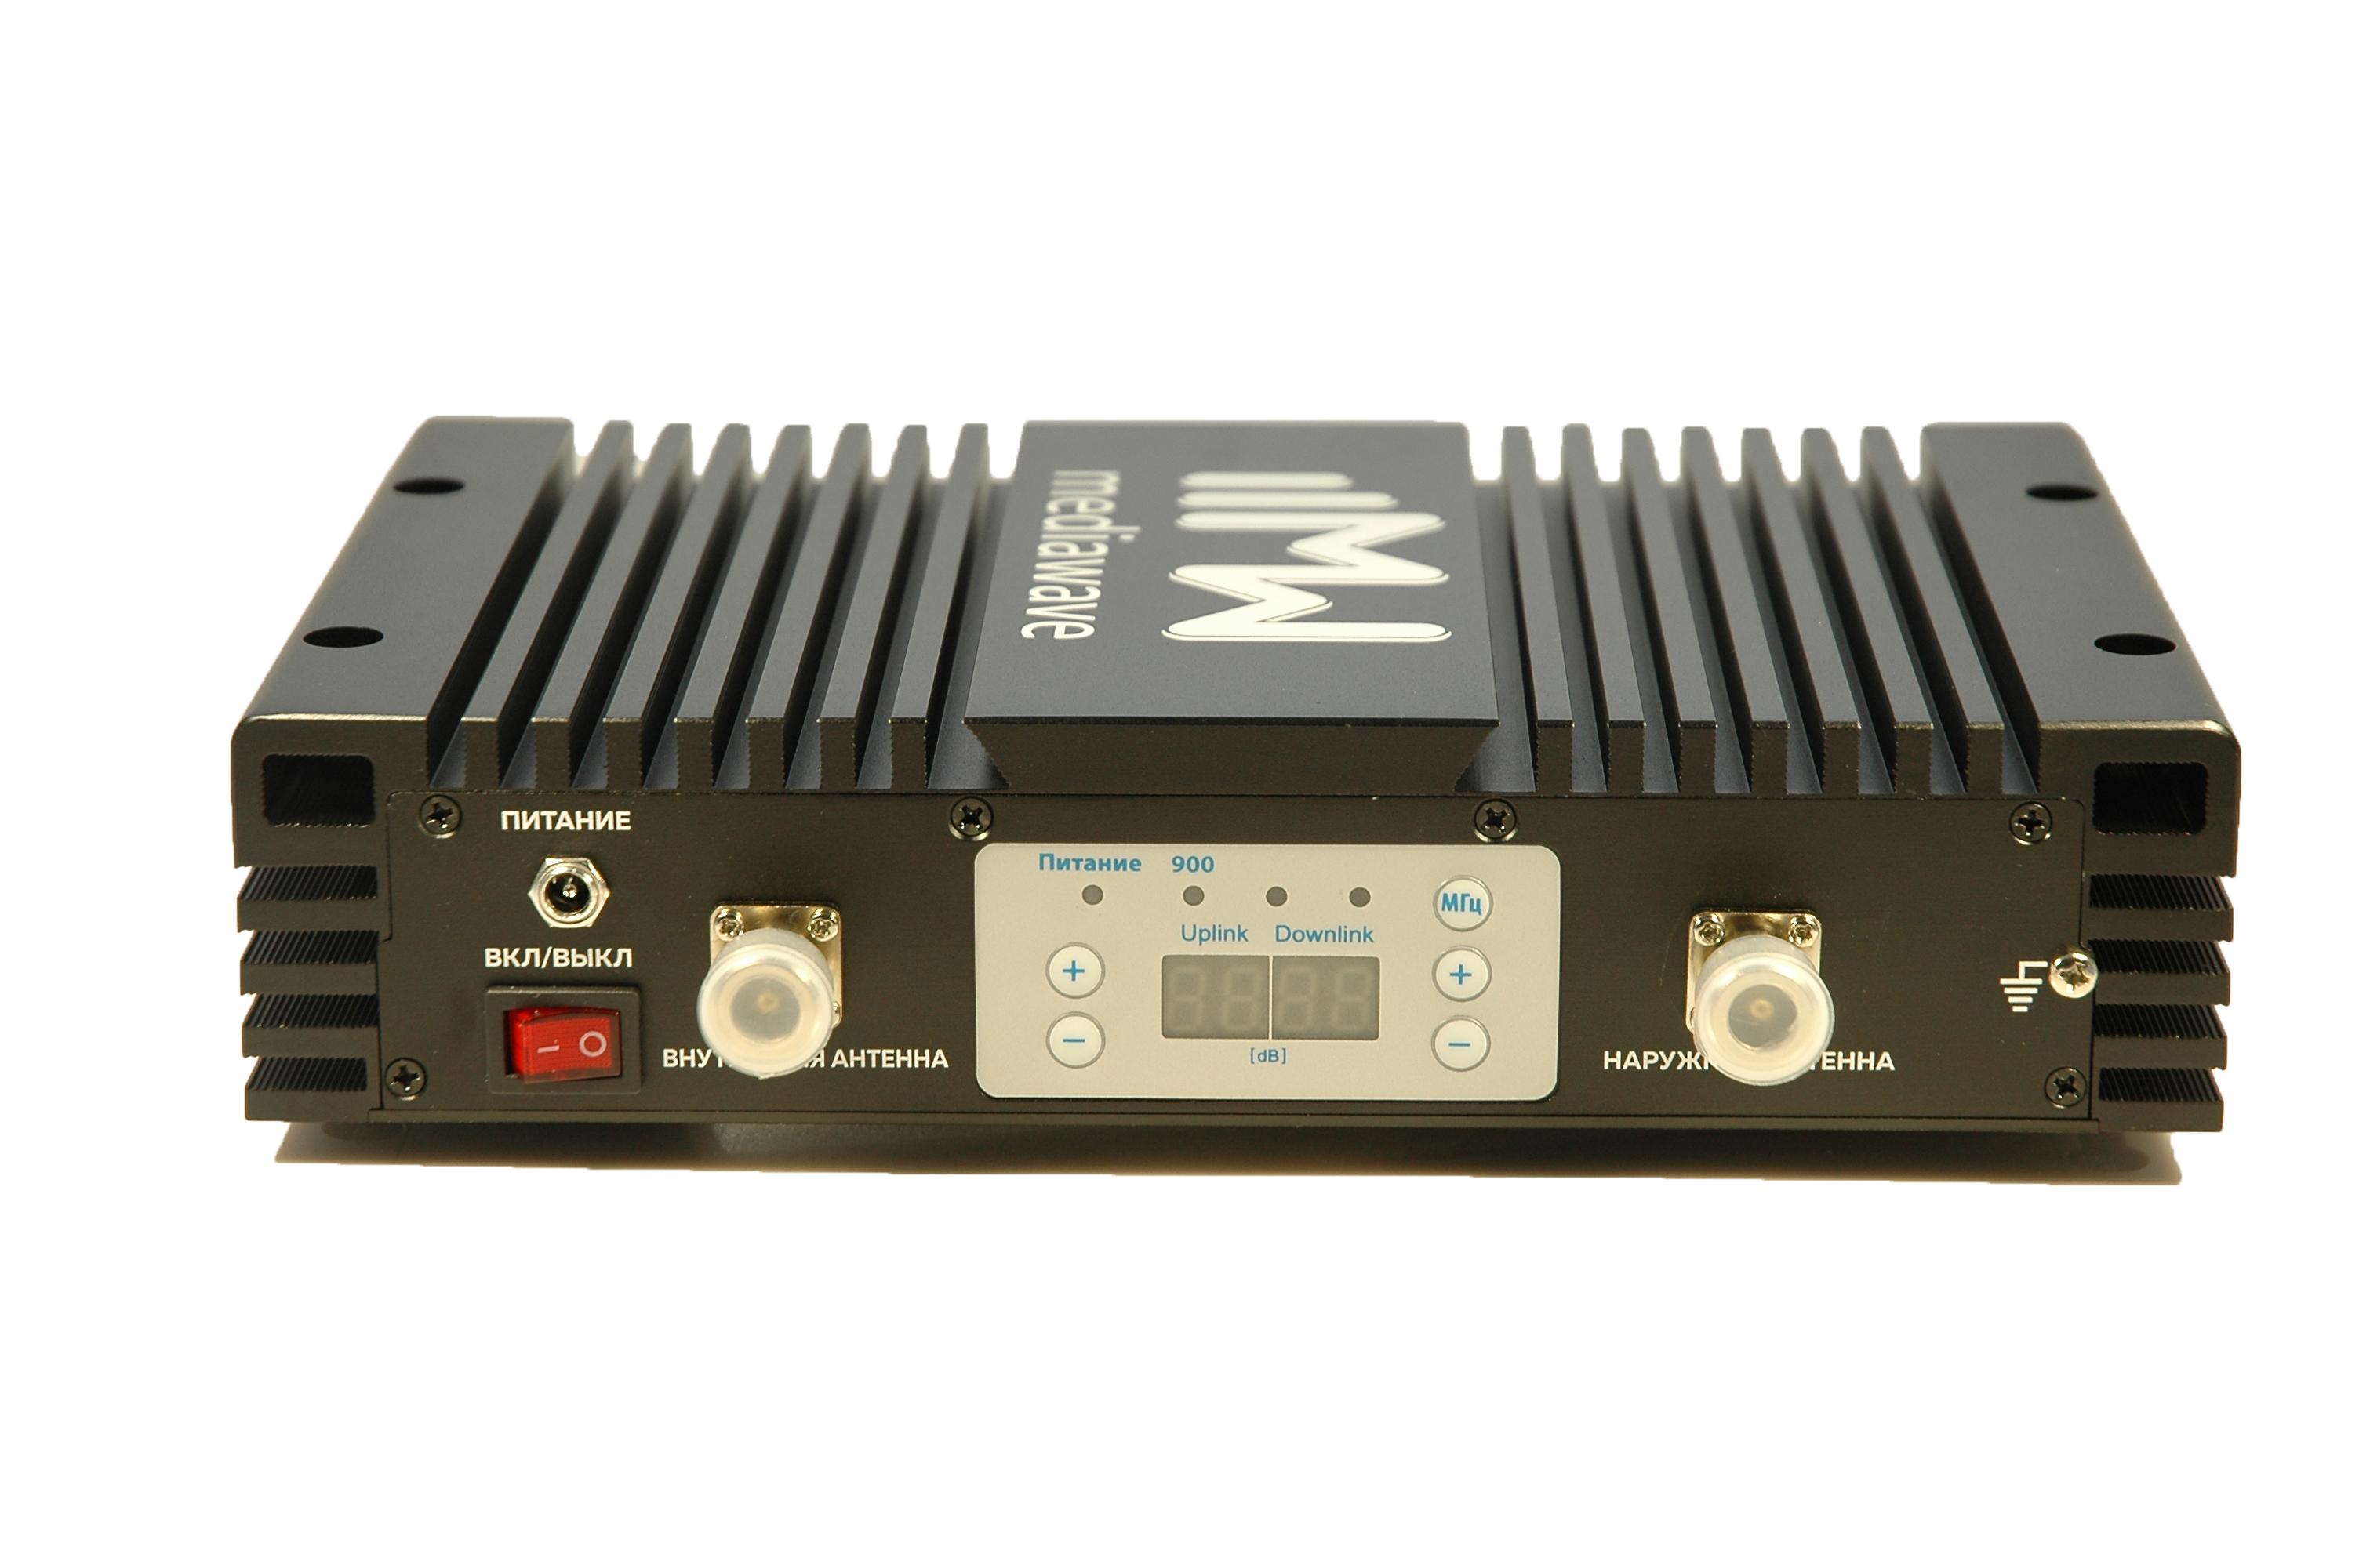 MediaWave MWS-EG-BST33 - линейный усилитель сигнала 900 МГц стандартов EGSM / 3G 900